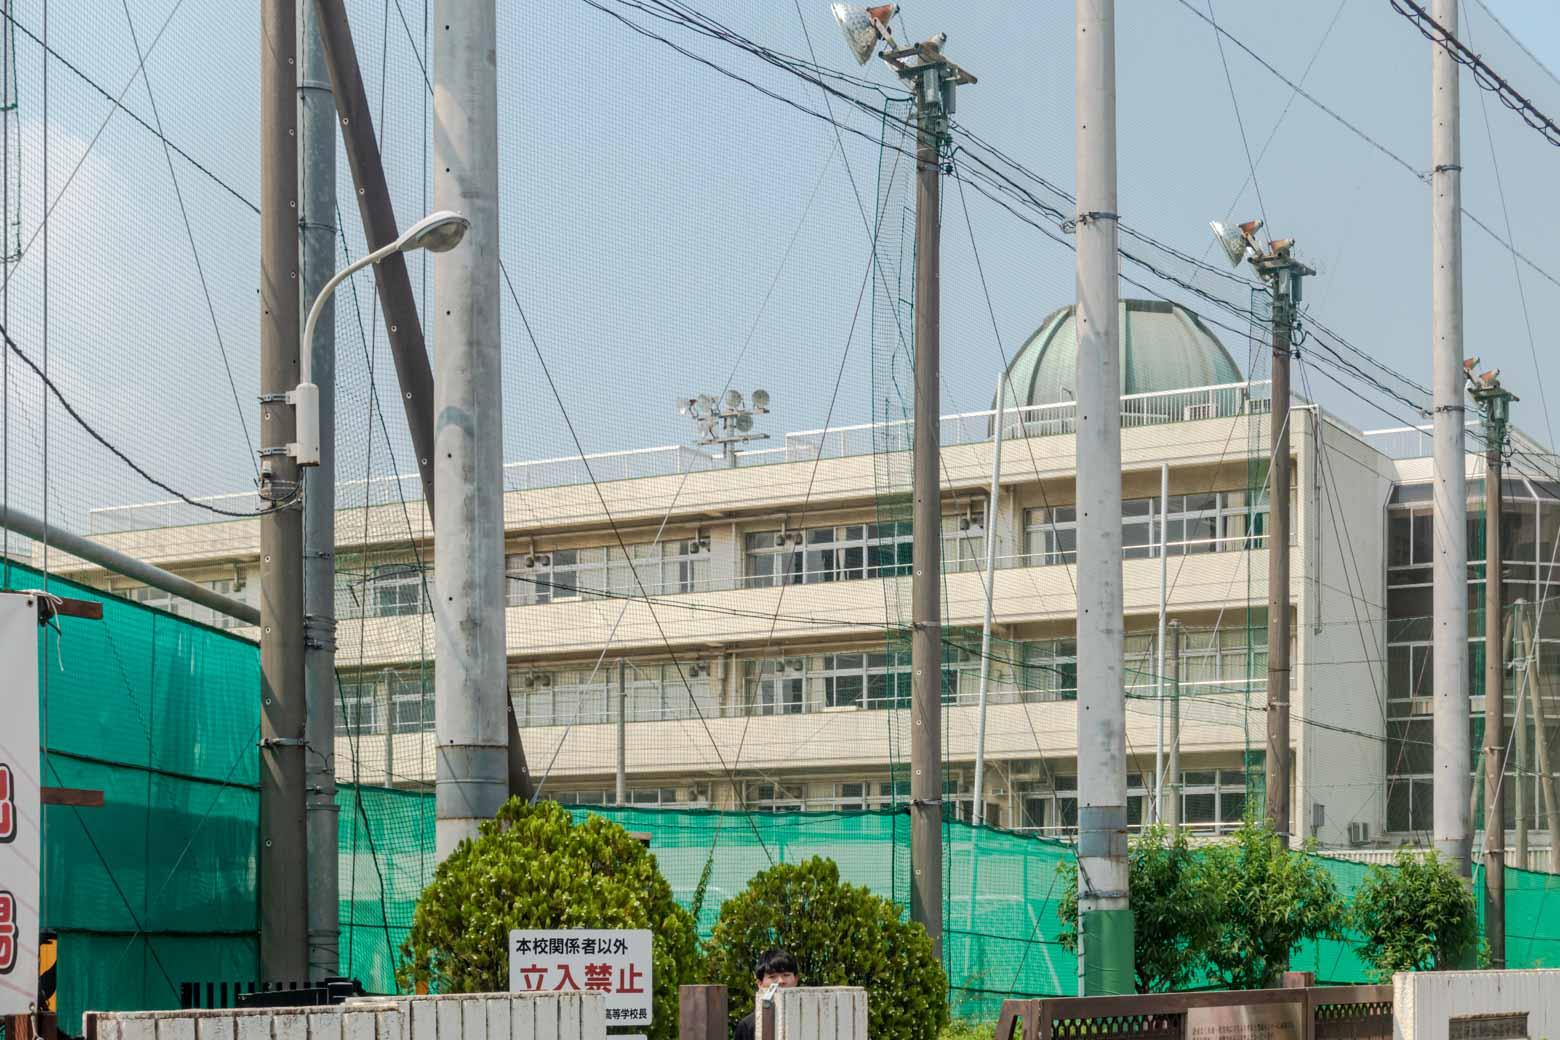 こちらが小山台高等学校。西口商店街はこの高校の南側にあります。